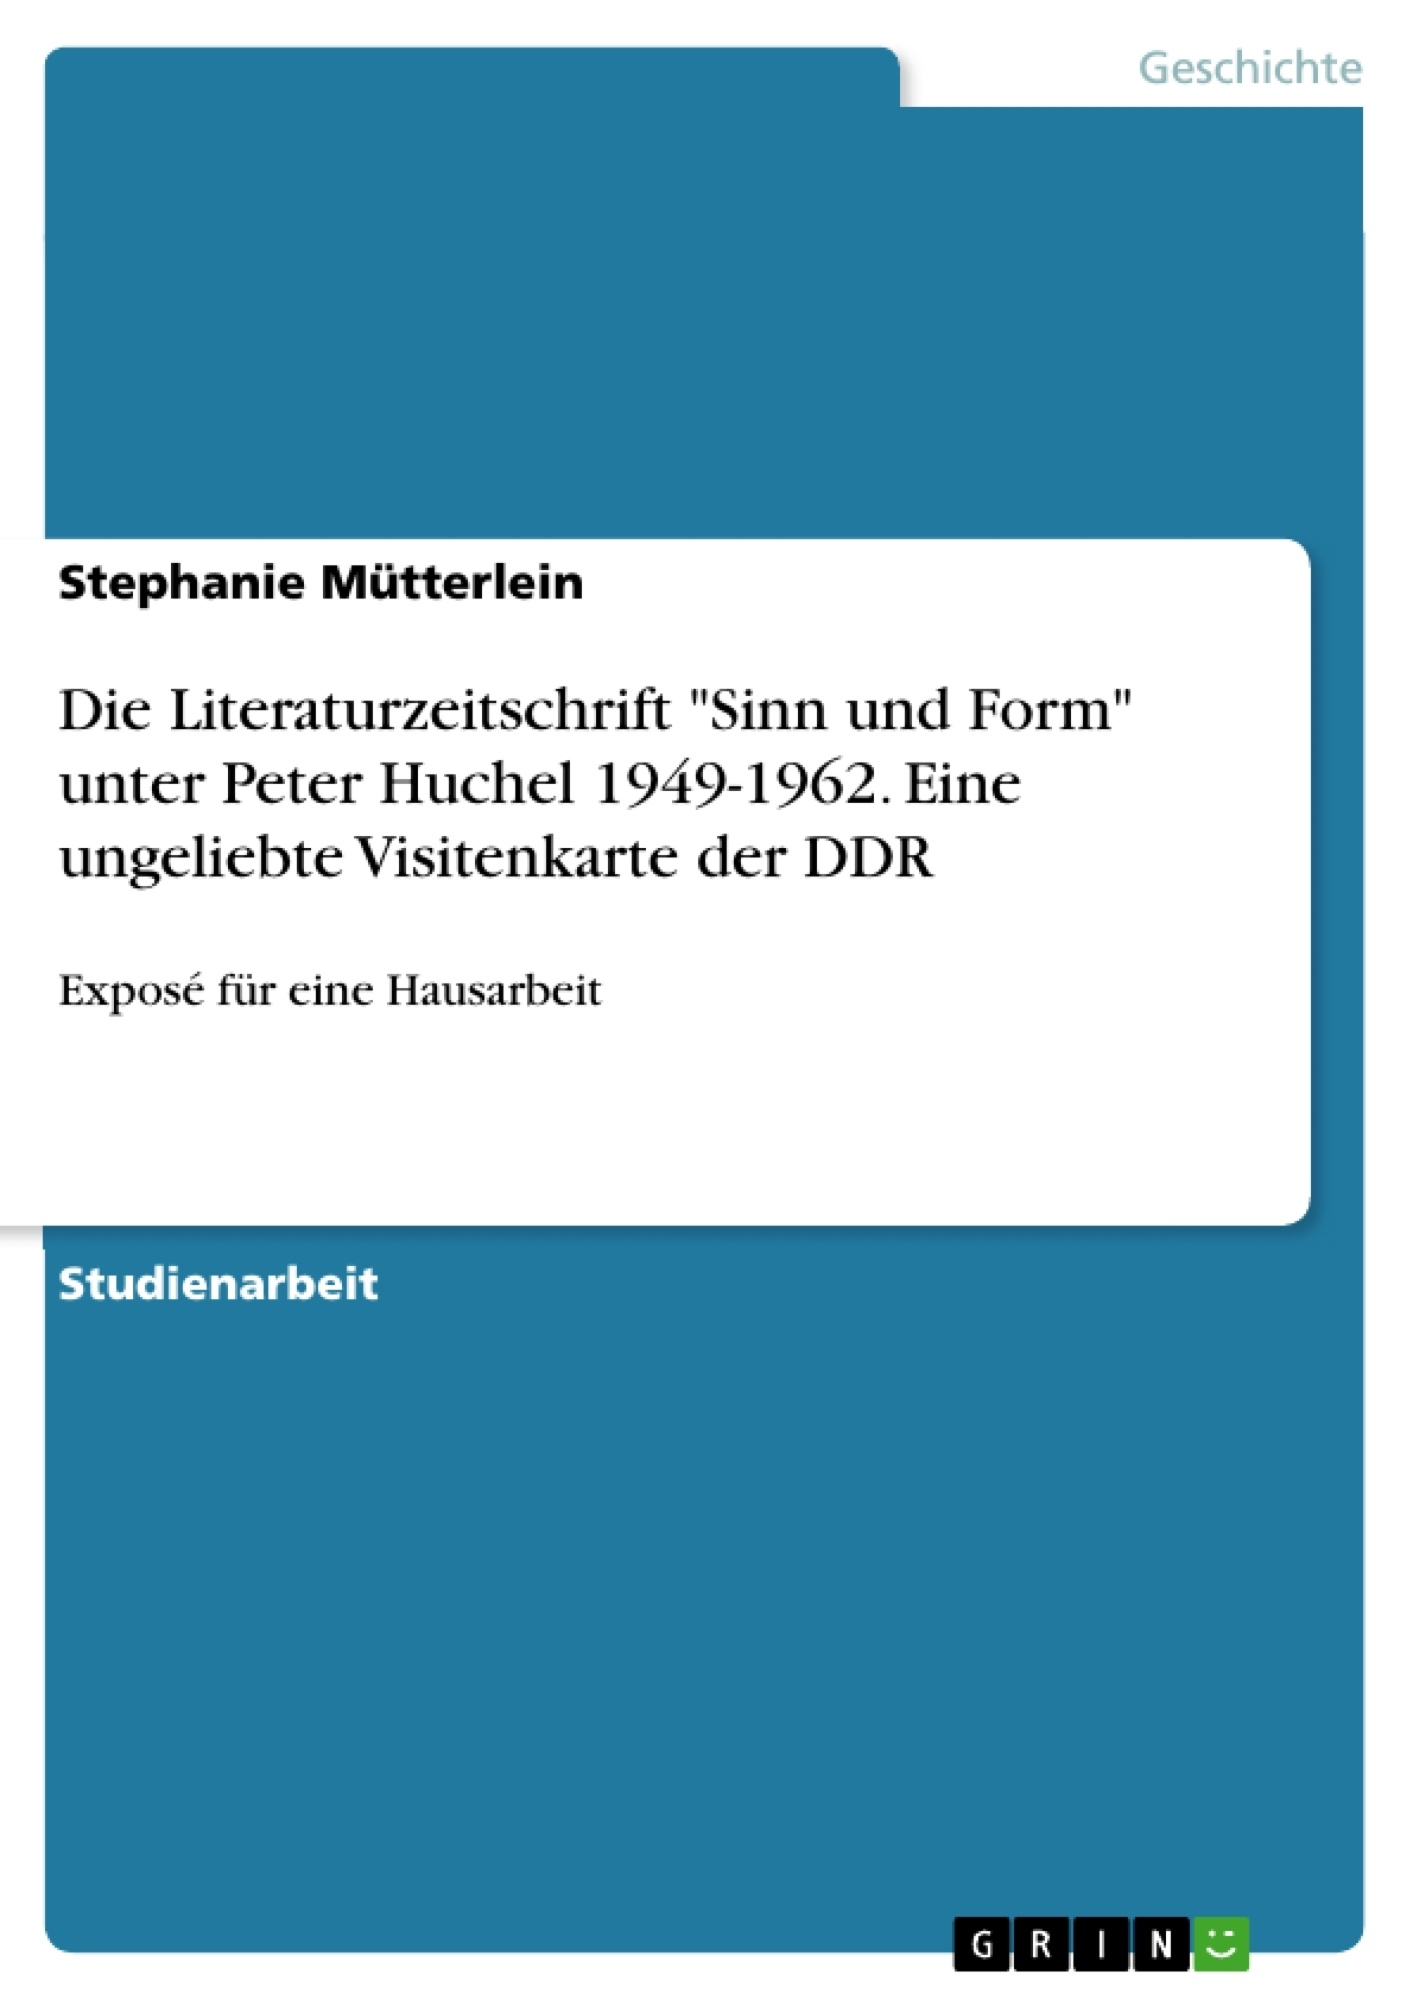 """Titel: Die Literaturzeitschrift """"Sinn und Form"""" unter Peter Huchel 1949-1962. Eine ungeliebte Visitenkarte der DDR"""